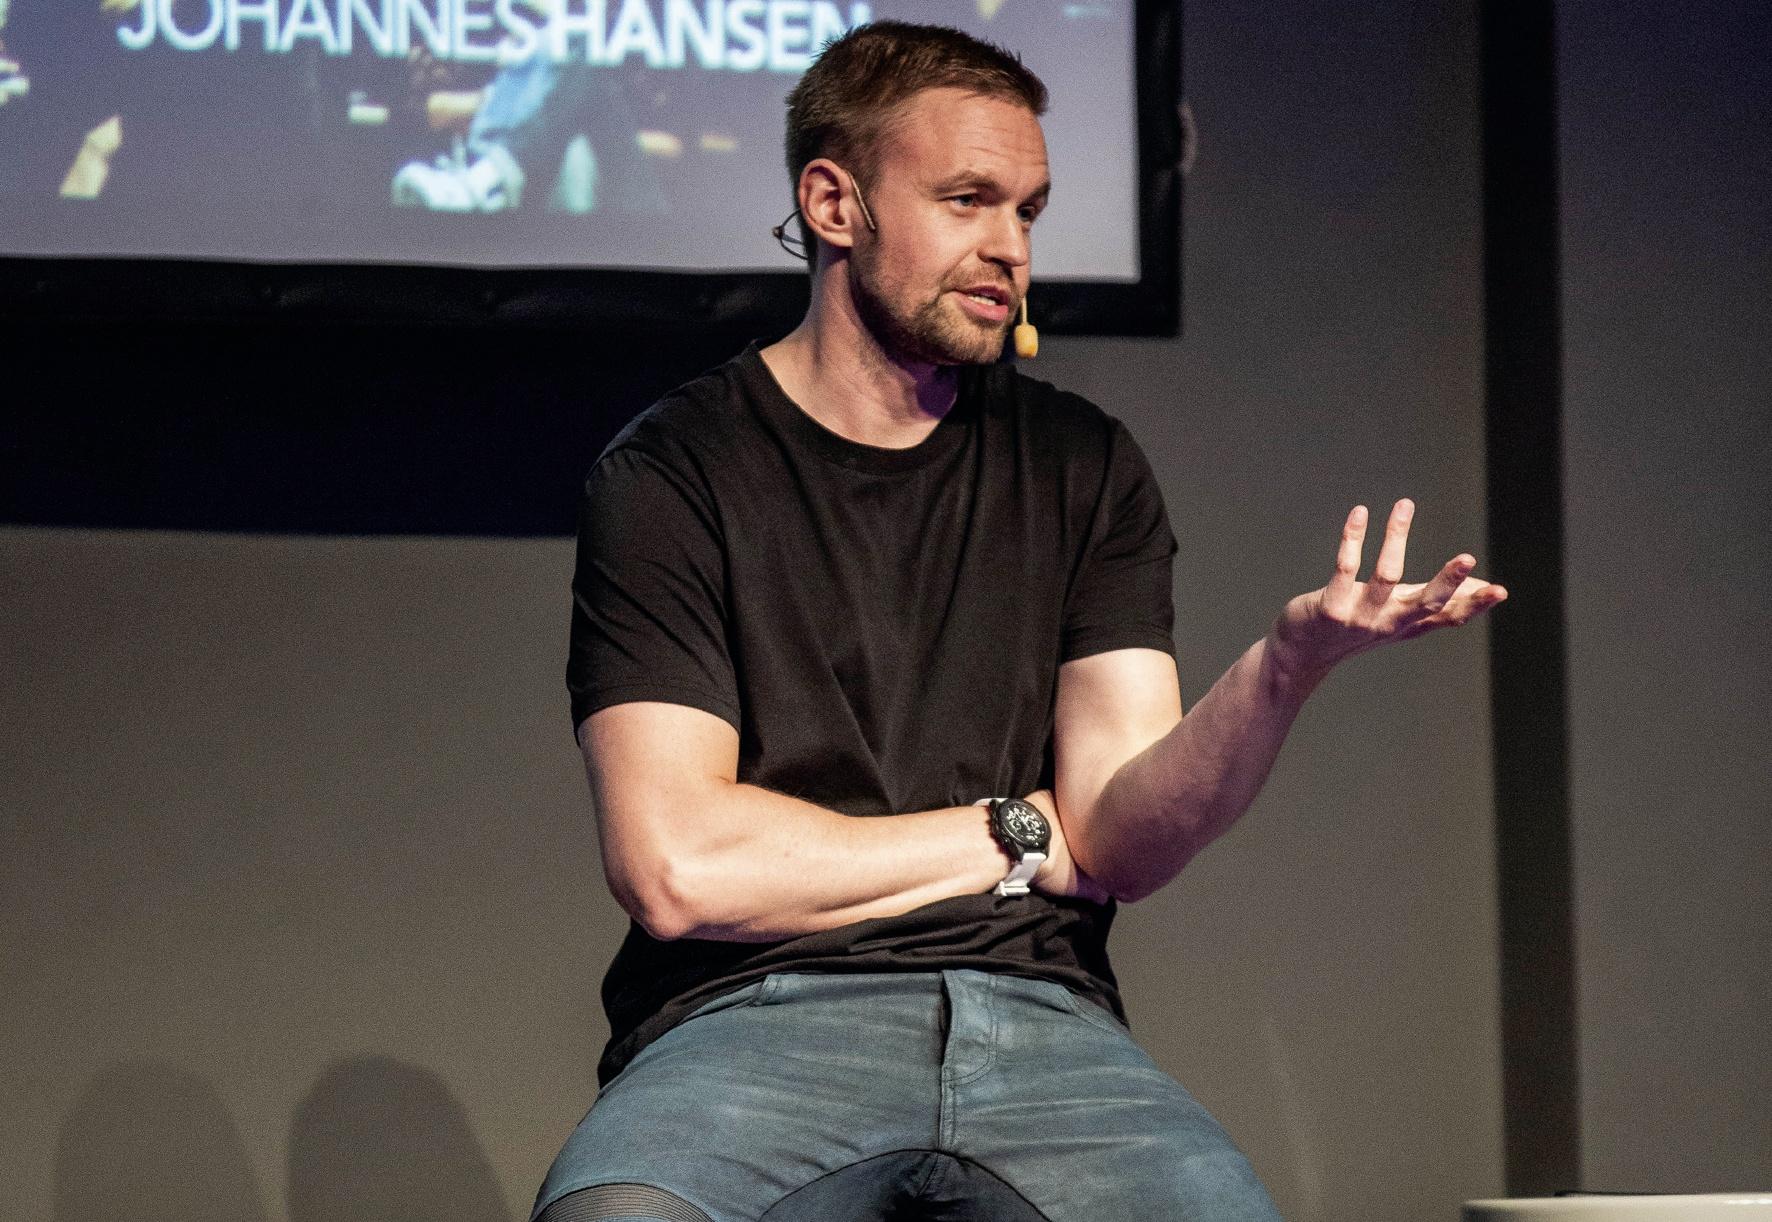 Johannes Hansen - Sveriges främsta mentala rådgivare